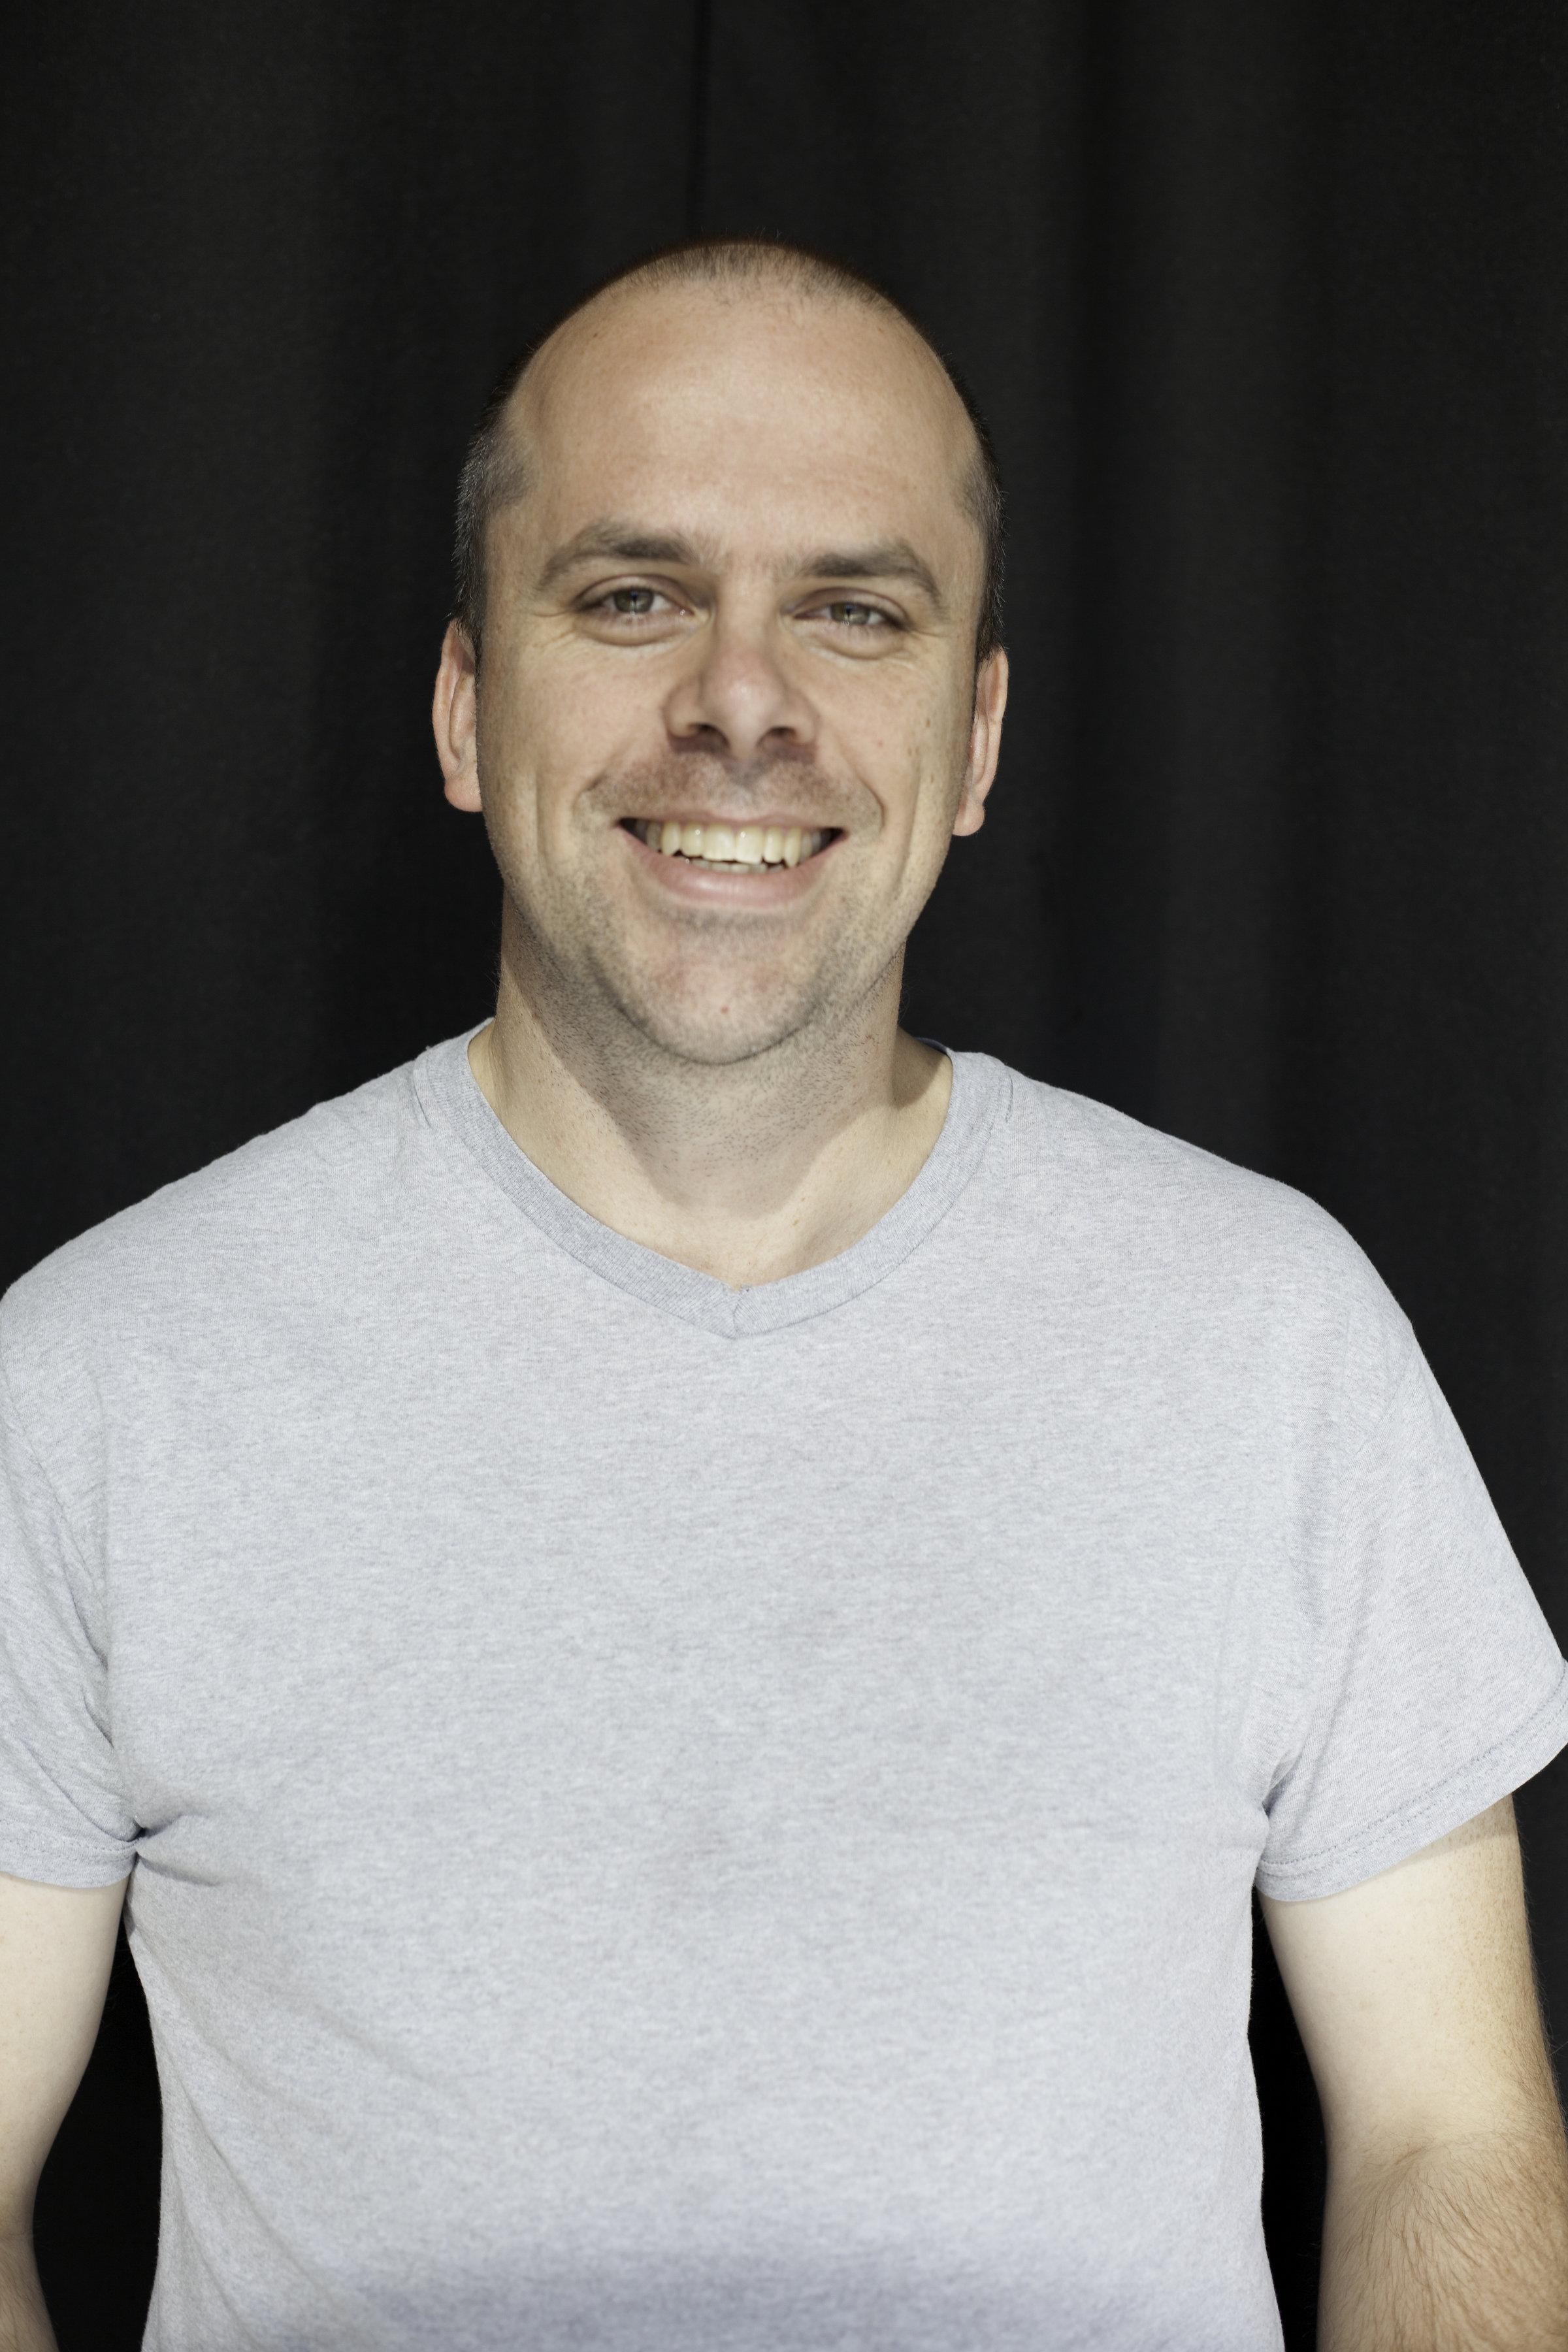 Ryan Veltmeyer